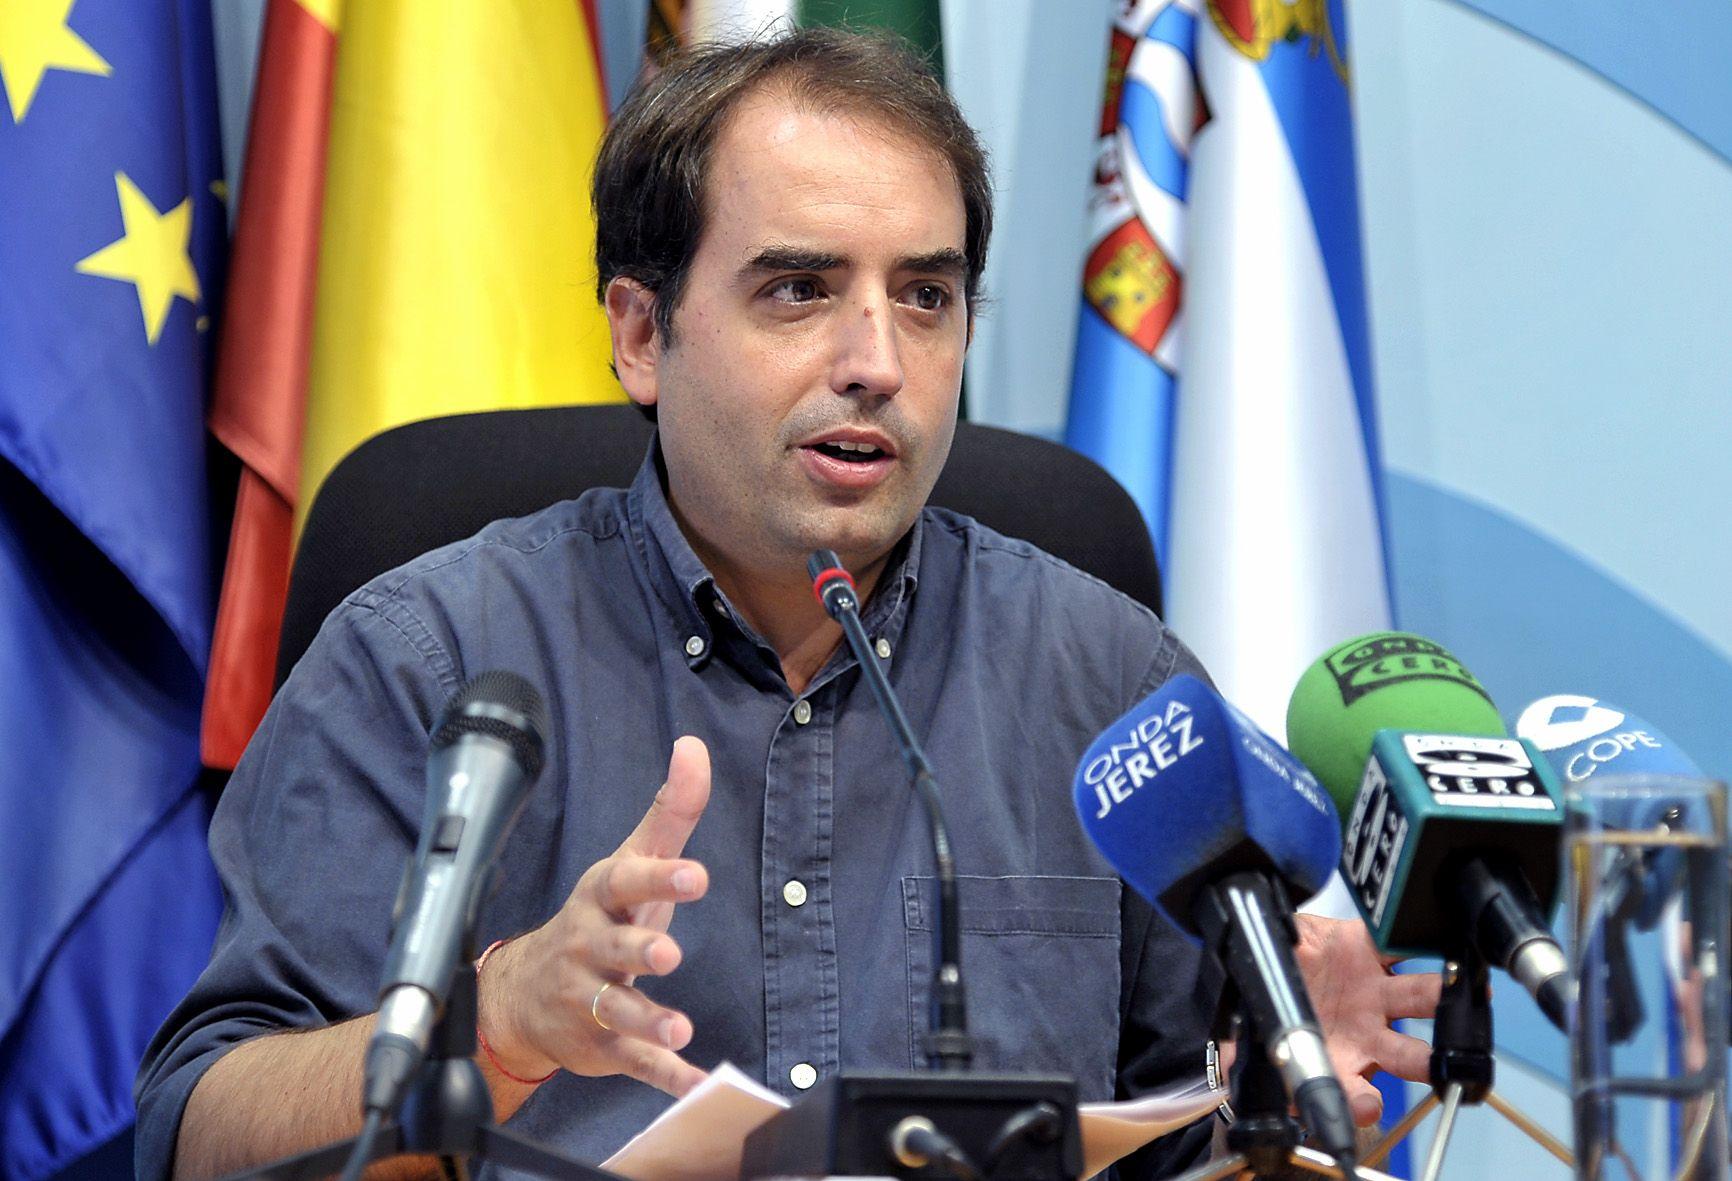 Antonio_Saldana